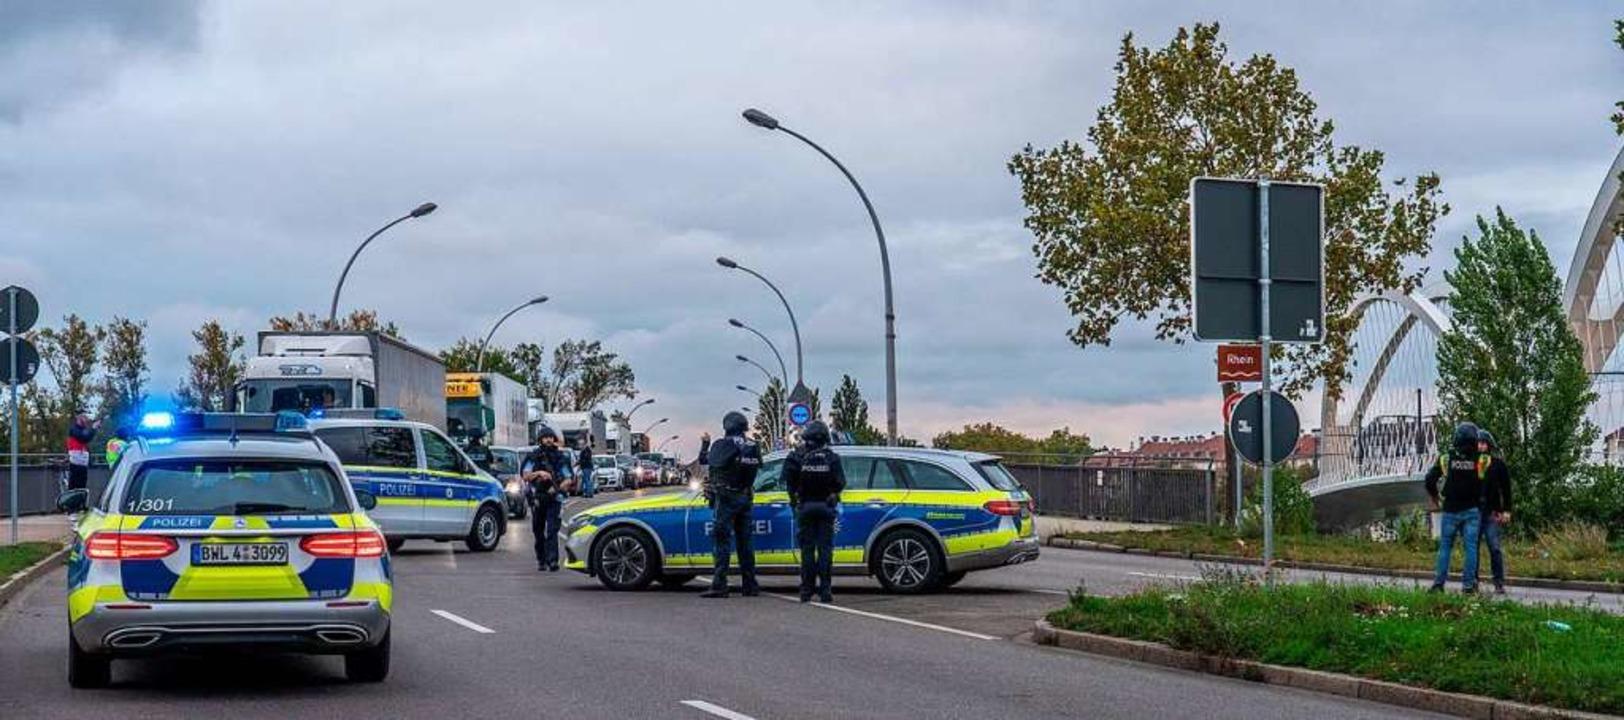 Vorsorglich abgeriegelt: Nach einer Sc...taus. Auch Tram und Züge fuhren nicht.  | Foto: Helmut Seller